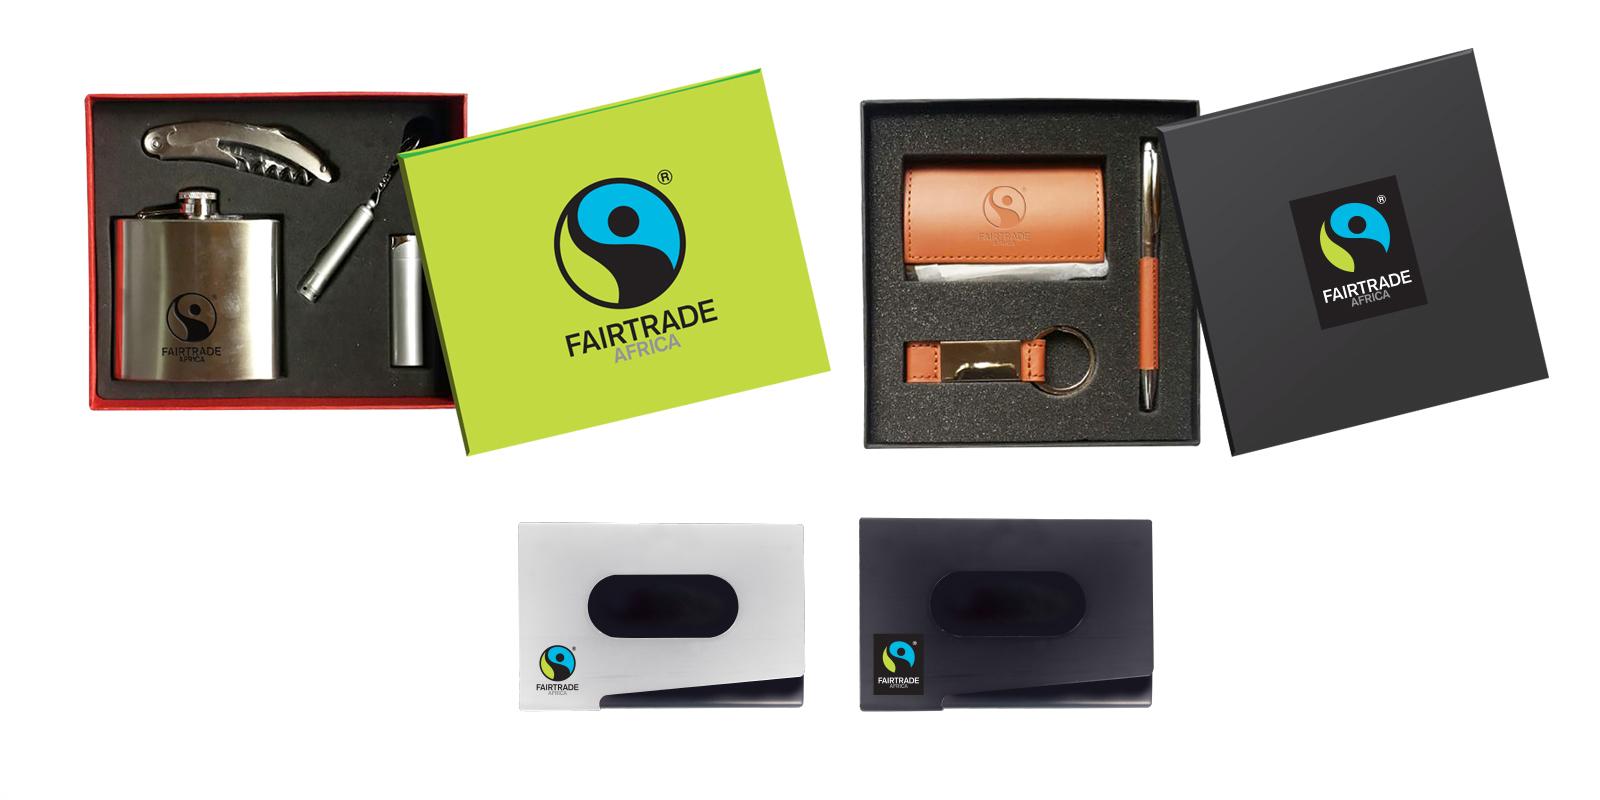 6-fairtrade